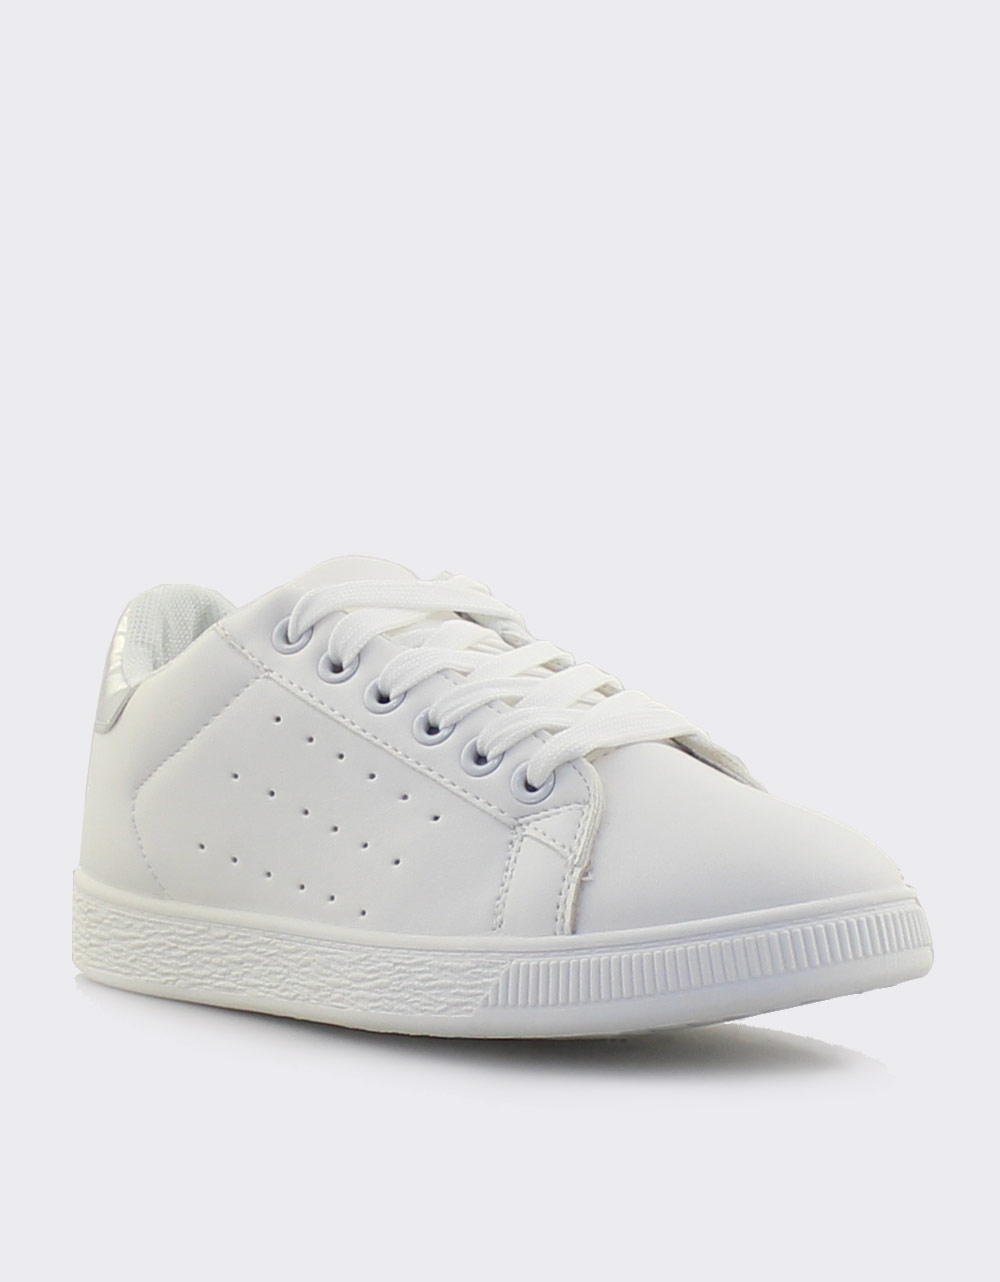 Εικόνα από Γυναικεία sneakers μονόχρωμα περφορέ Λευκό/Ασημί